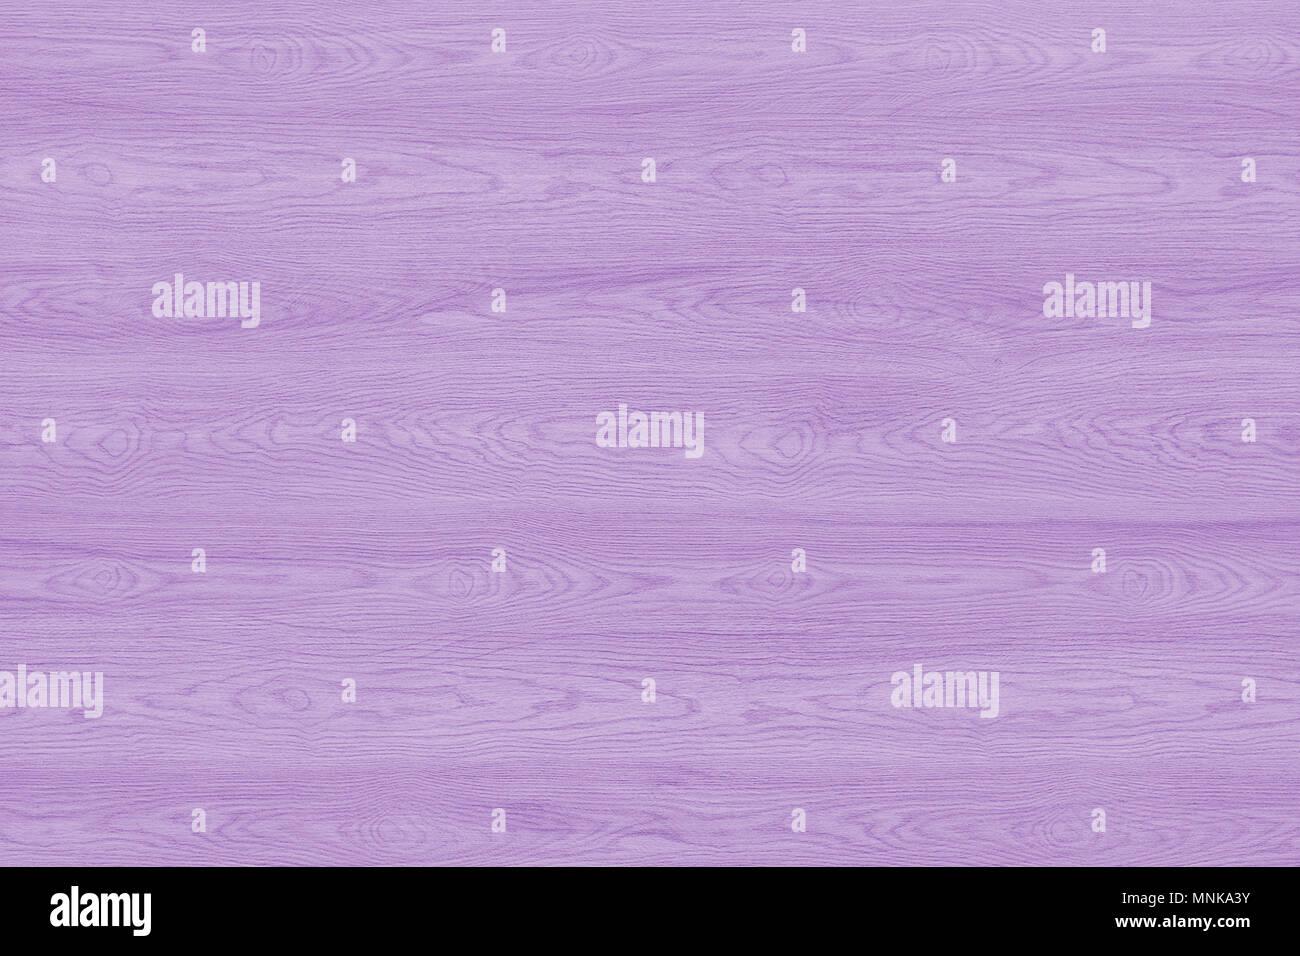 Colori Vernici Legno : Ultra violetto sullo sfondo di legno consistenza del colore viola